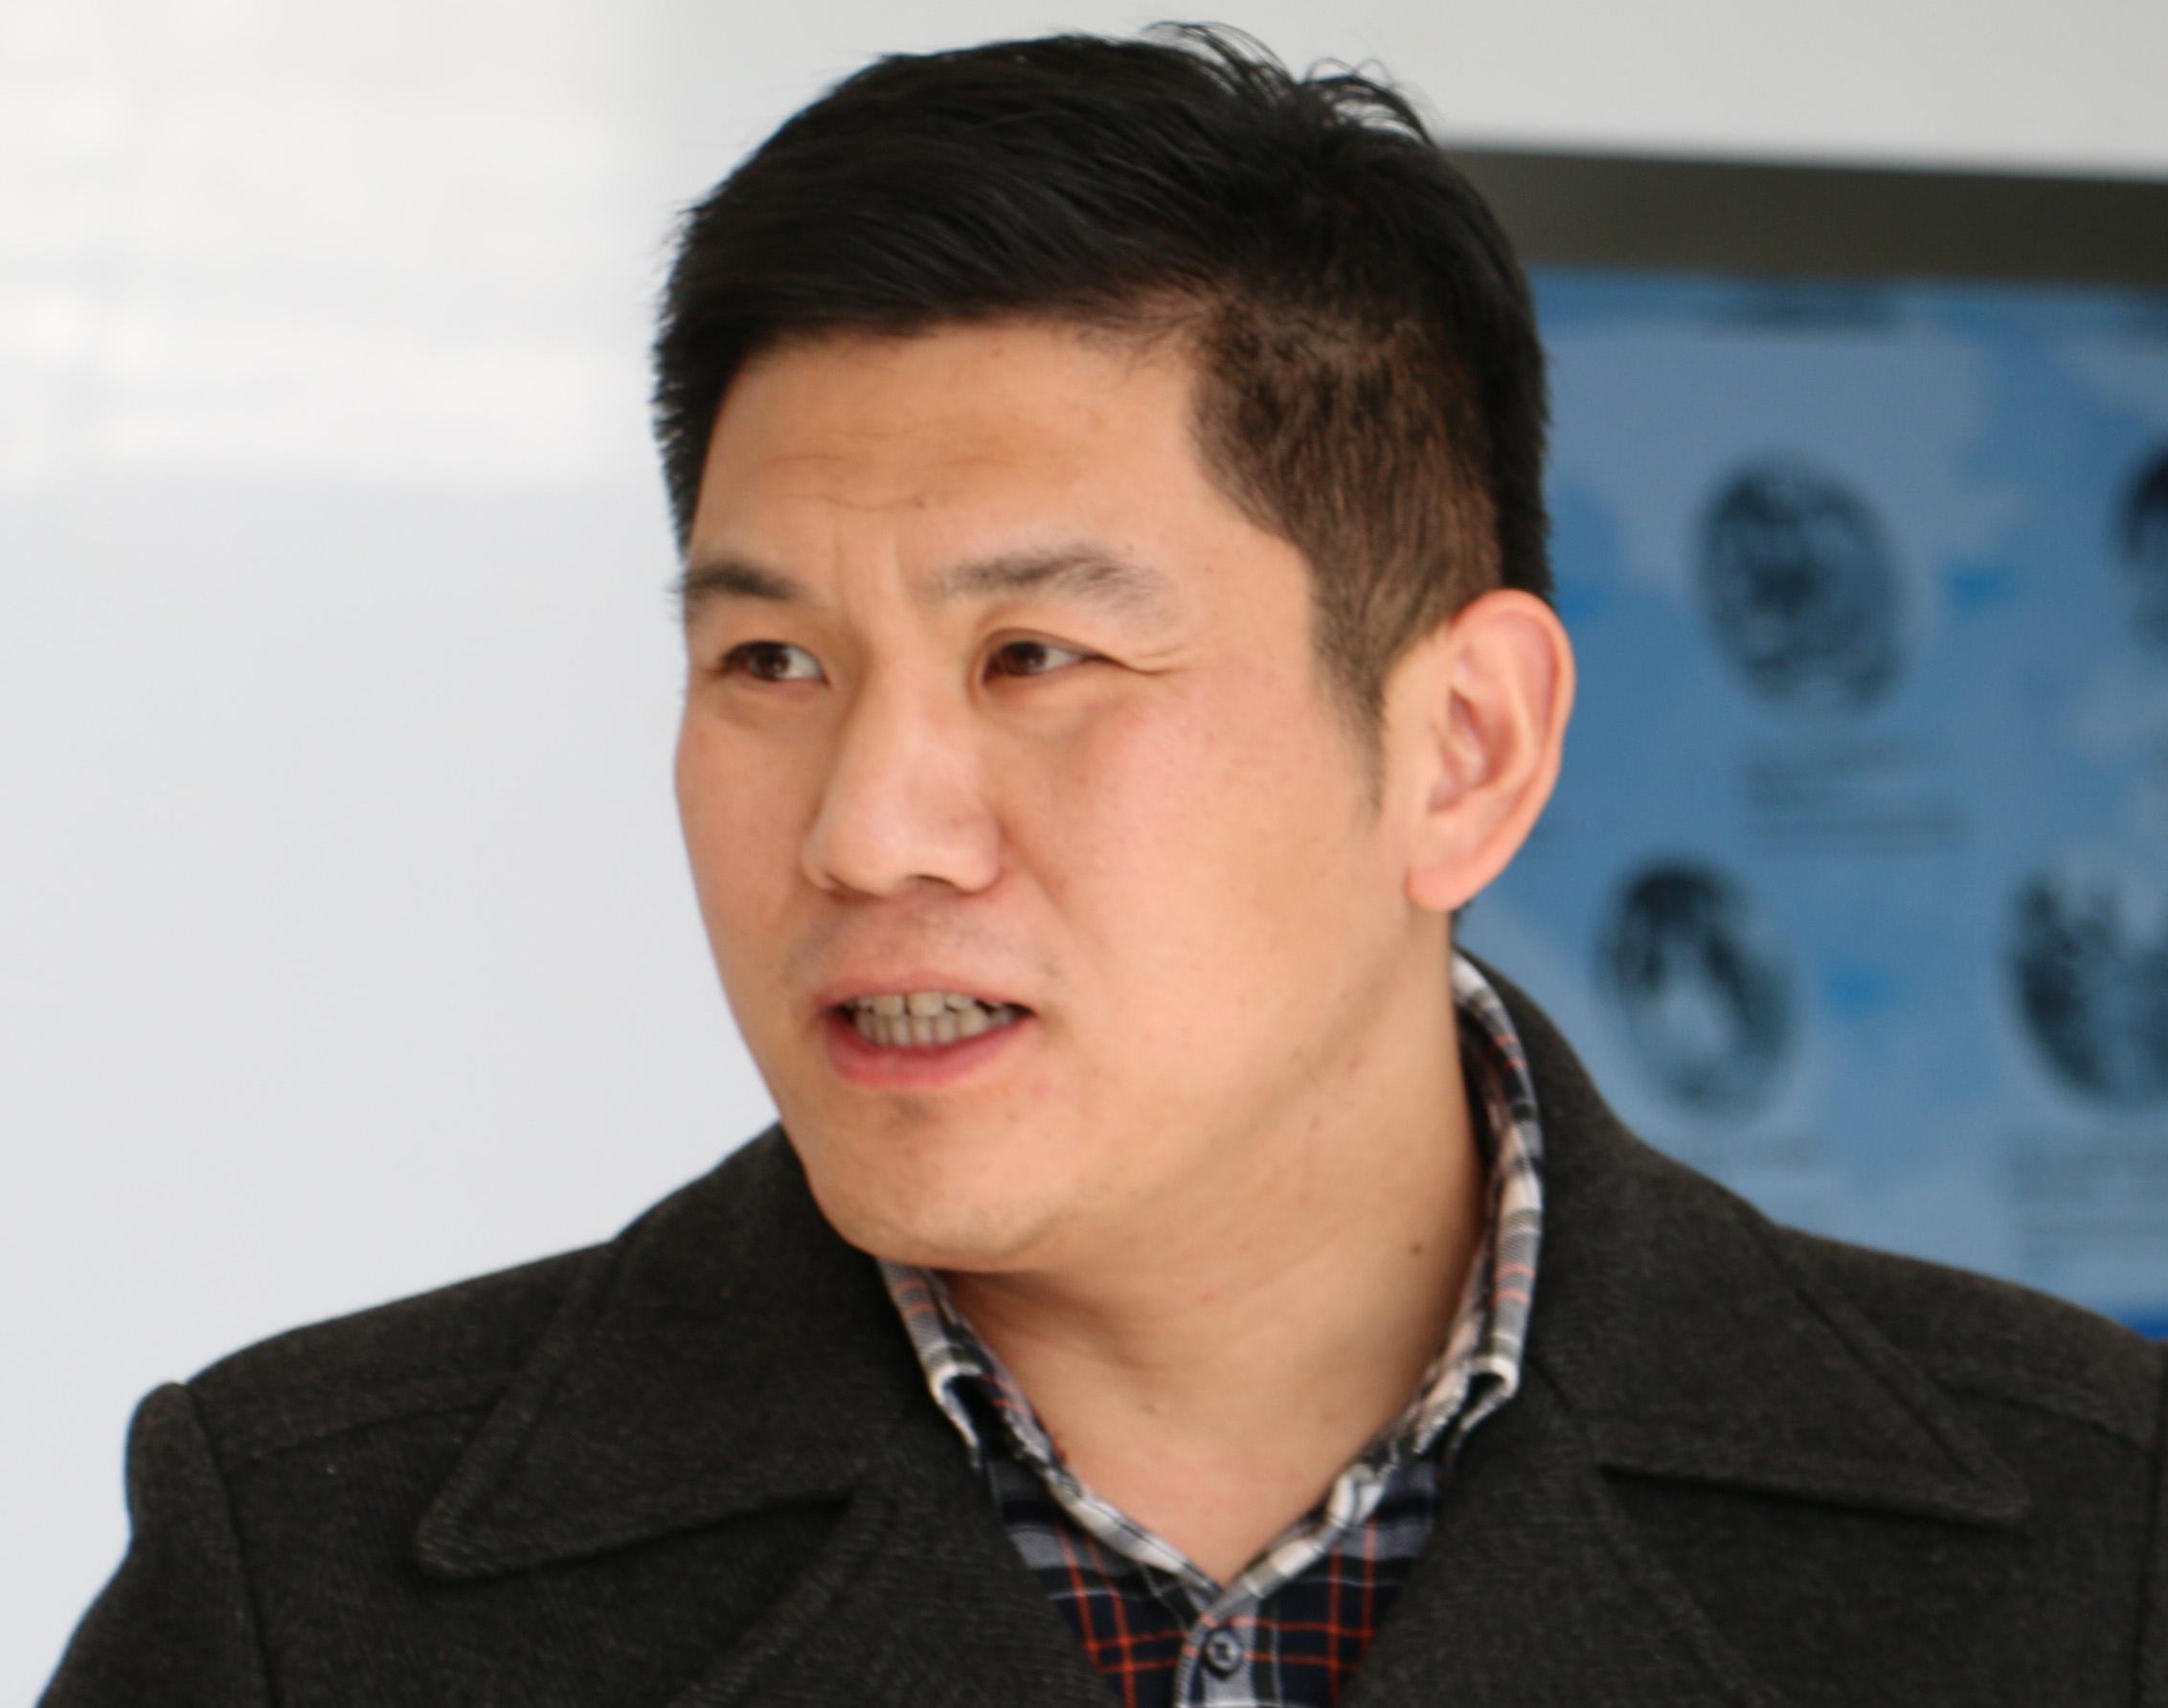 奥冠电池总经理孟祥辉:早一点布局技术升级